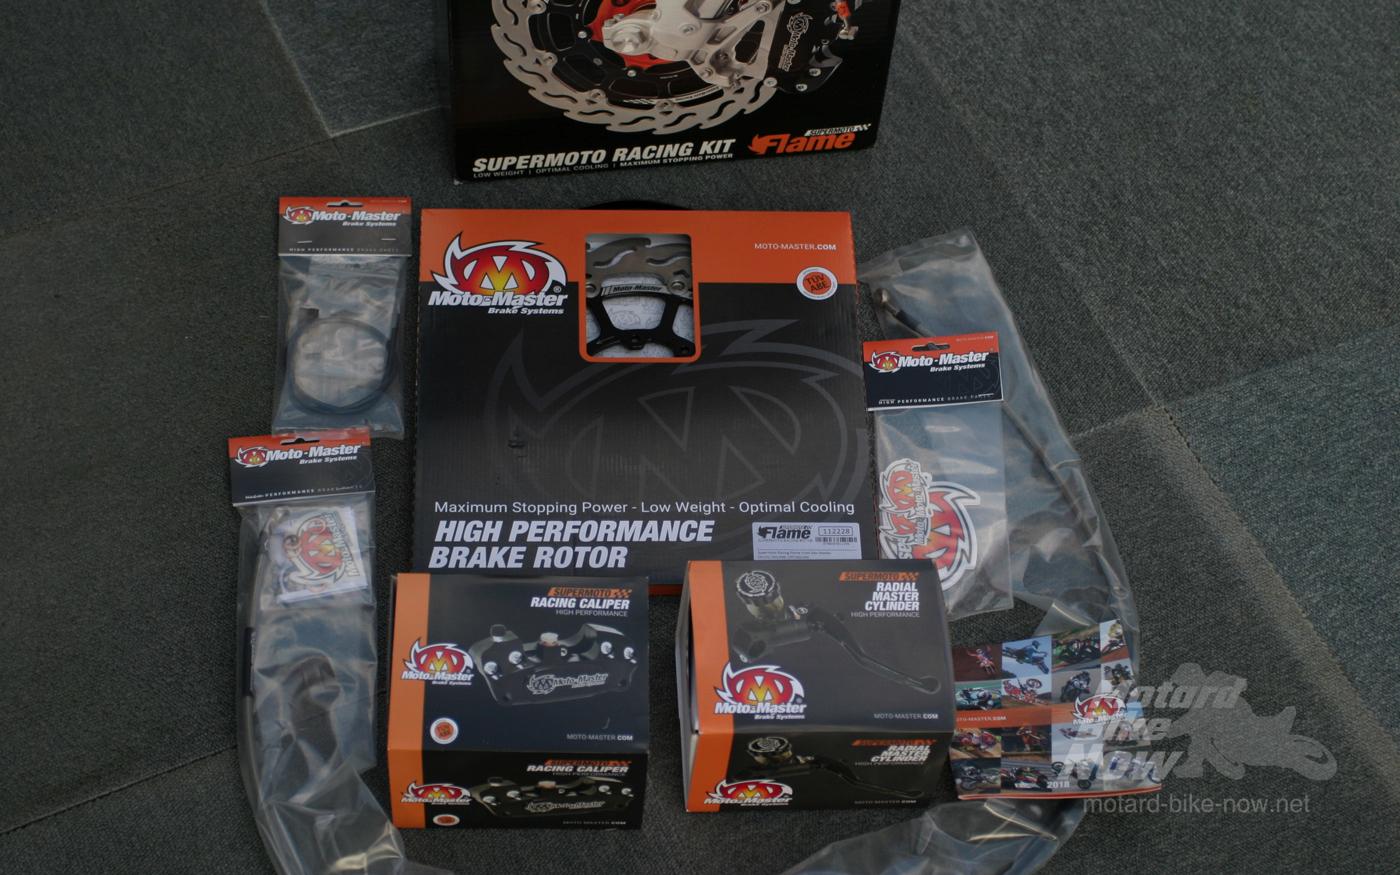 Moto-Mastre スーパーモトレーシングコンプリートキット